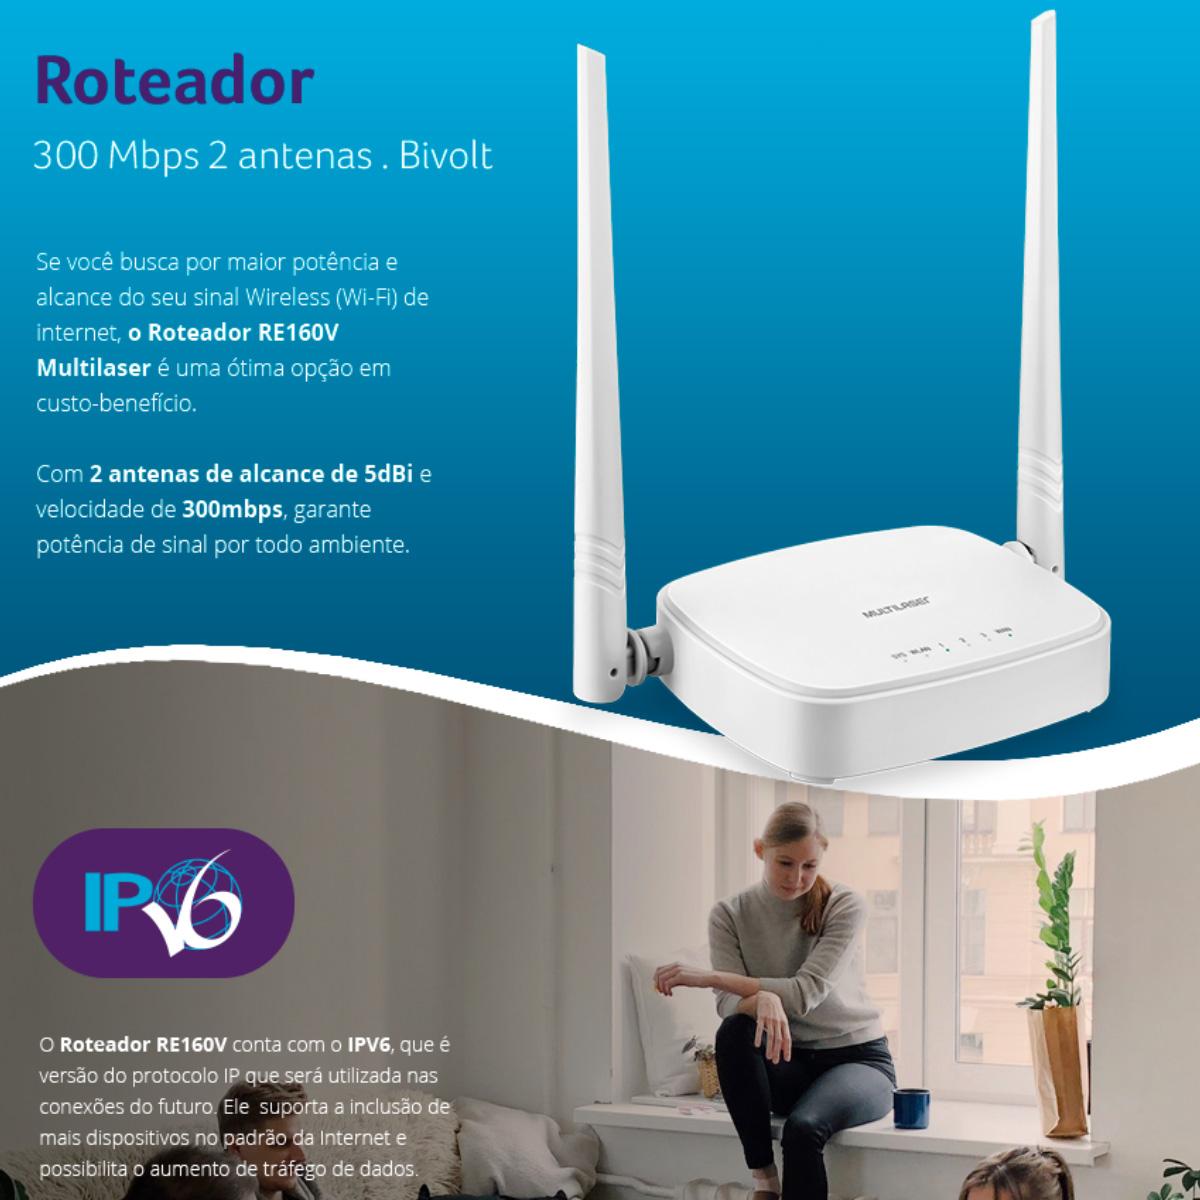 Roteador Multilaser Re160v Branco 110v/240v